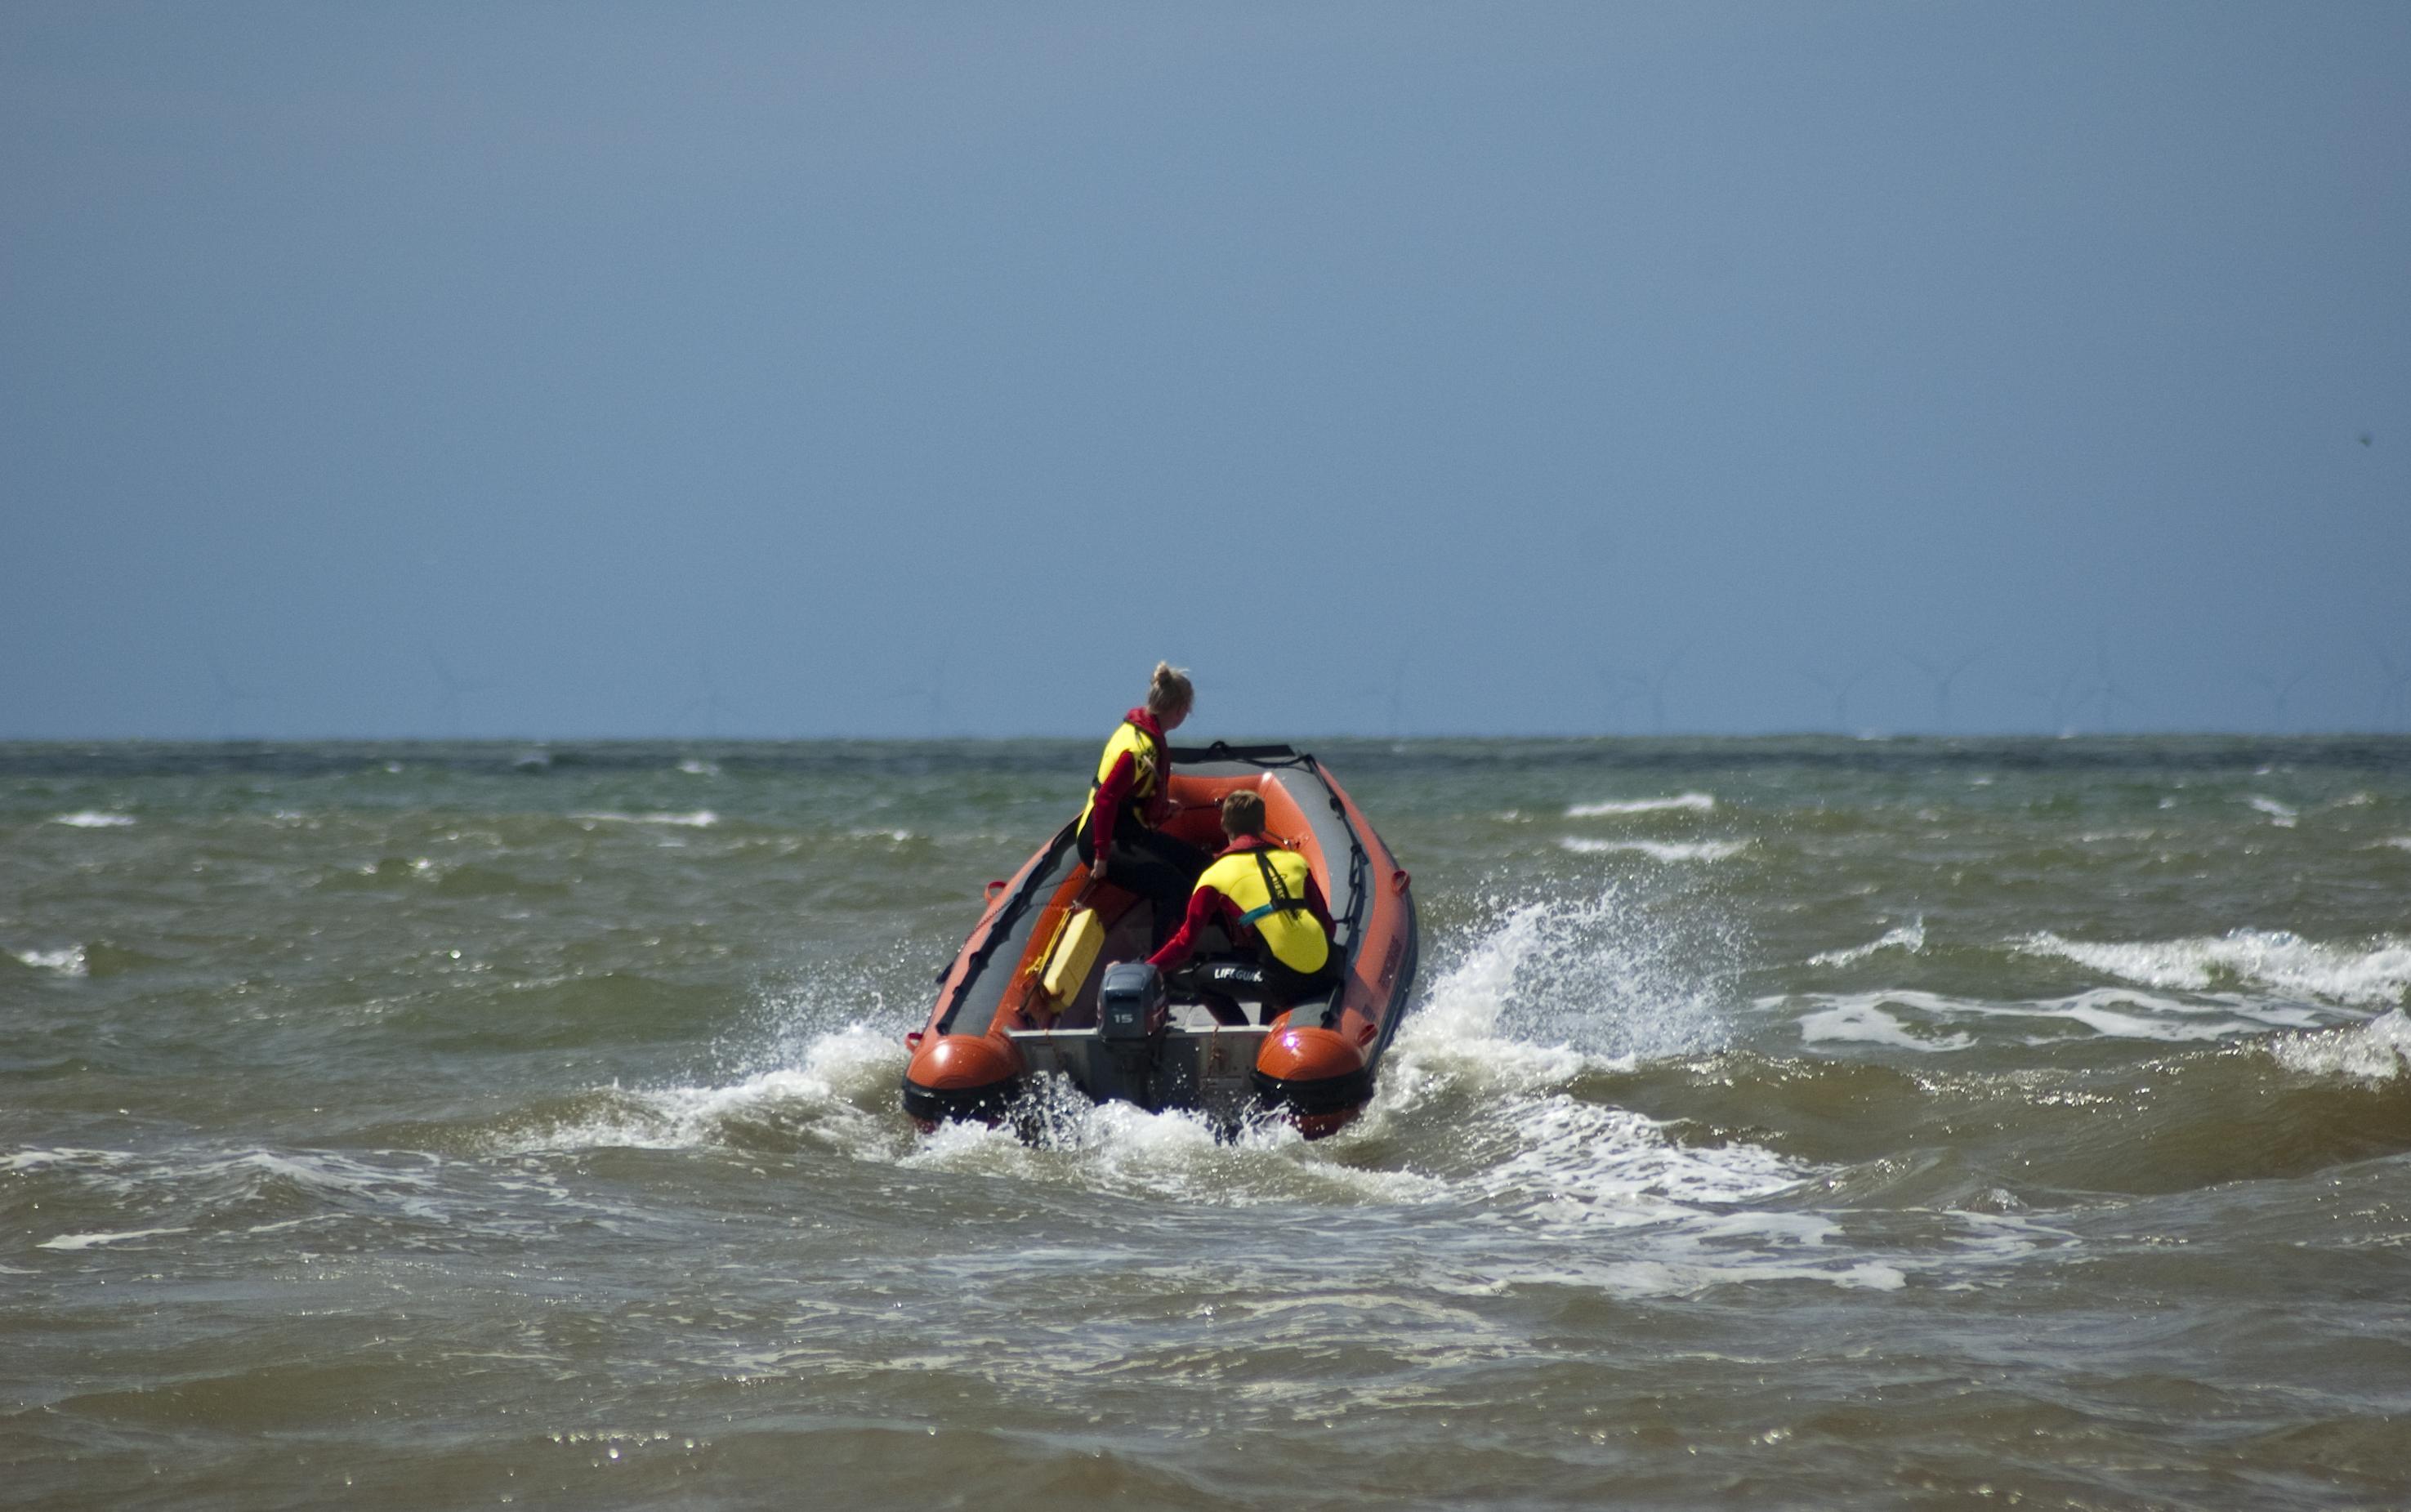 Tempo maken met goede reddingspost IJmuider strand voordat er iemand verdrinkt | Opinie